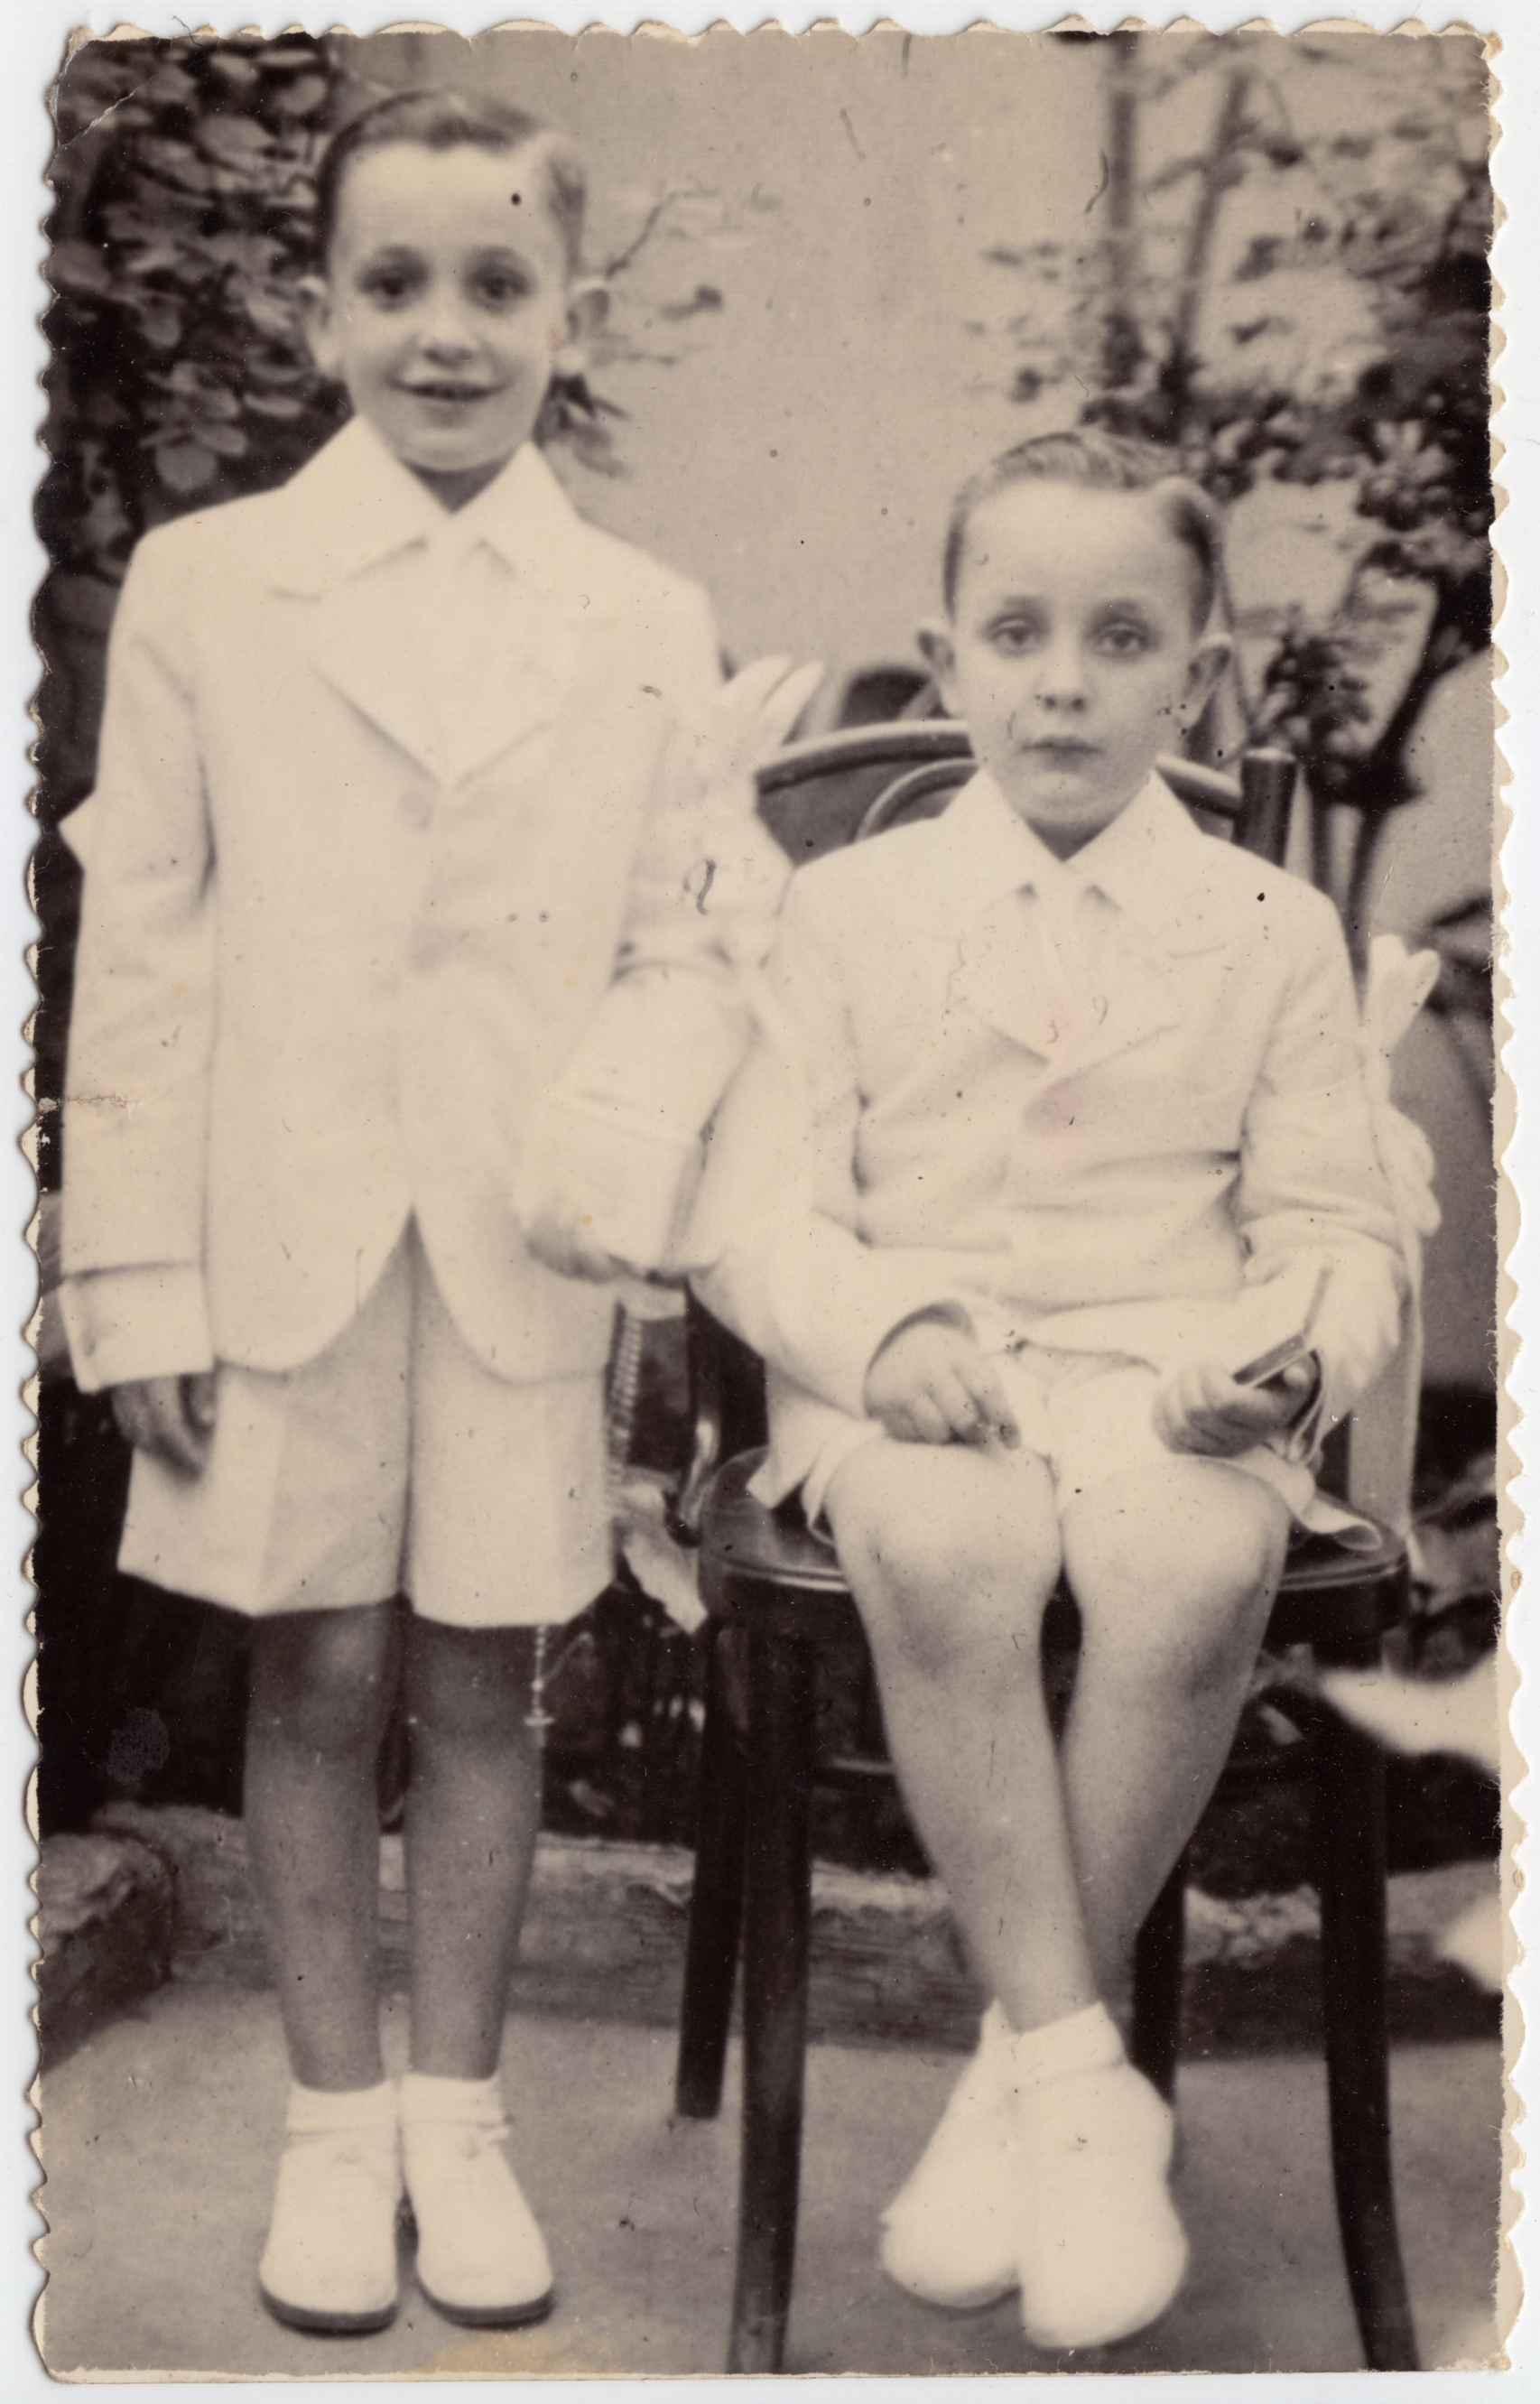 El papa Francisco (izquierda) y su hermano Óscar de pequeños. Imagen de 1940.